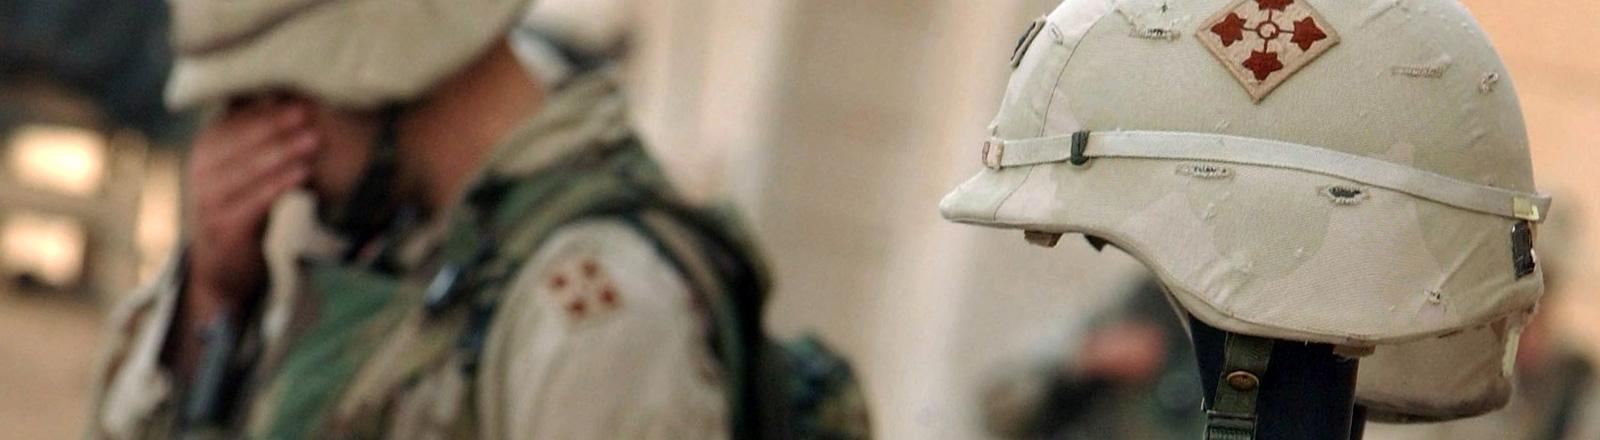 Ein US-Soldat trauert um zwei gefallene Kameraden. Ihre Helme sind auf ihre Waffen gesteckt.